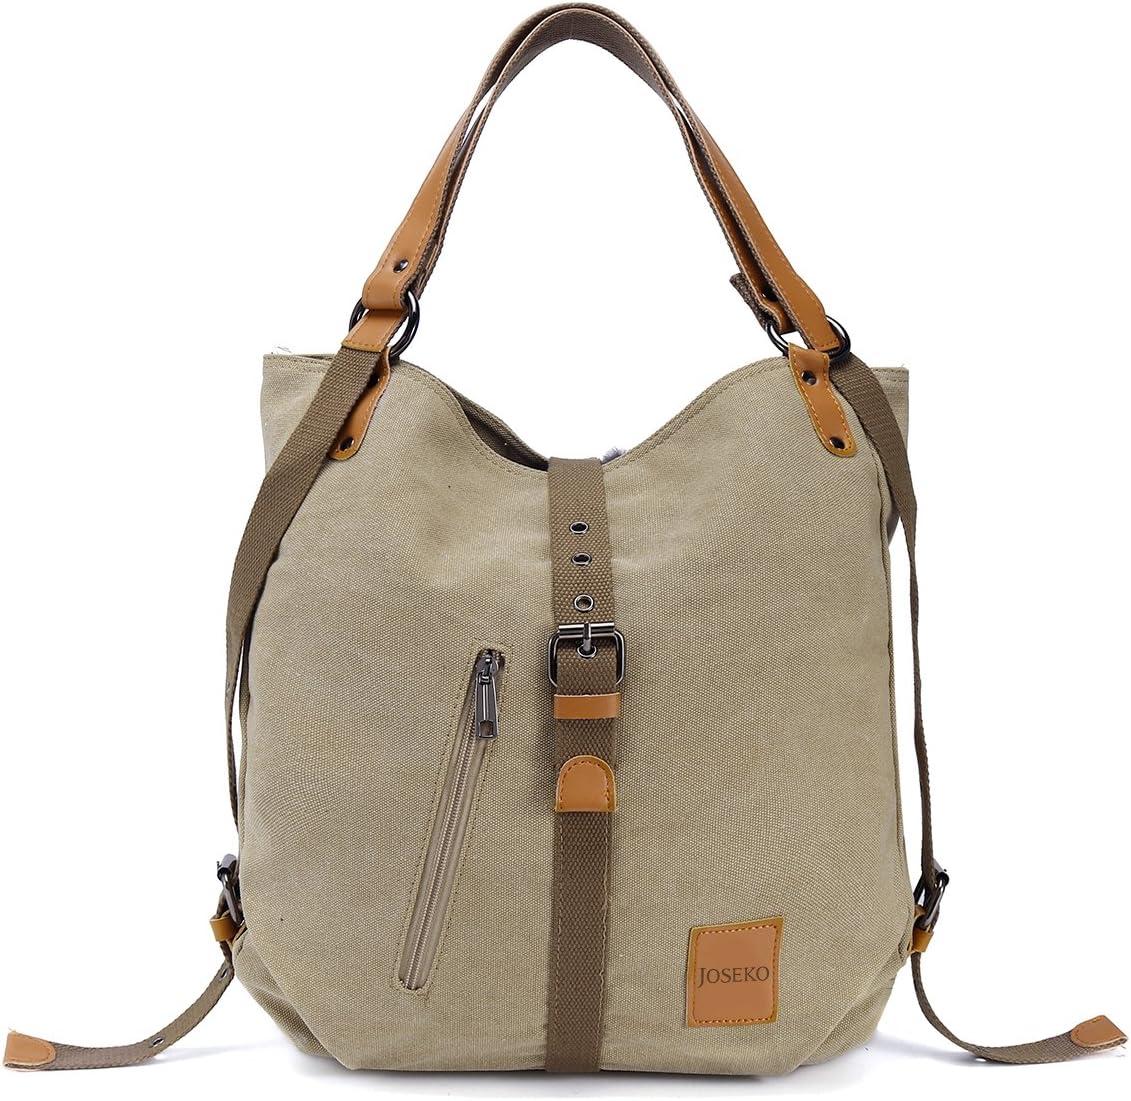 Bolso de hombro JOSEKO de lona Mochila para mujer, bolso convertible de mochila multifuncional para el trabajo, escuela, para viaje, Correa de PU, El color / diseño puede variar